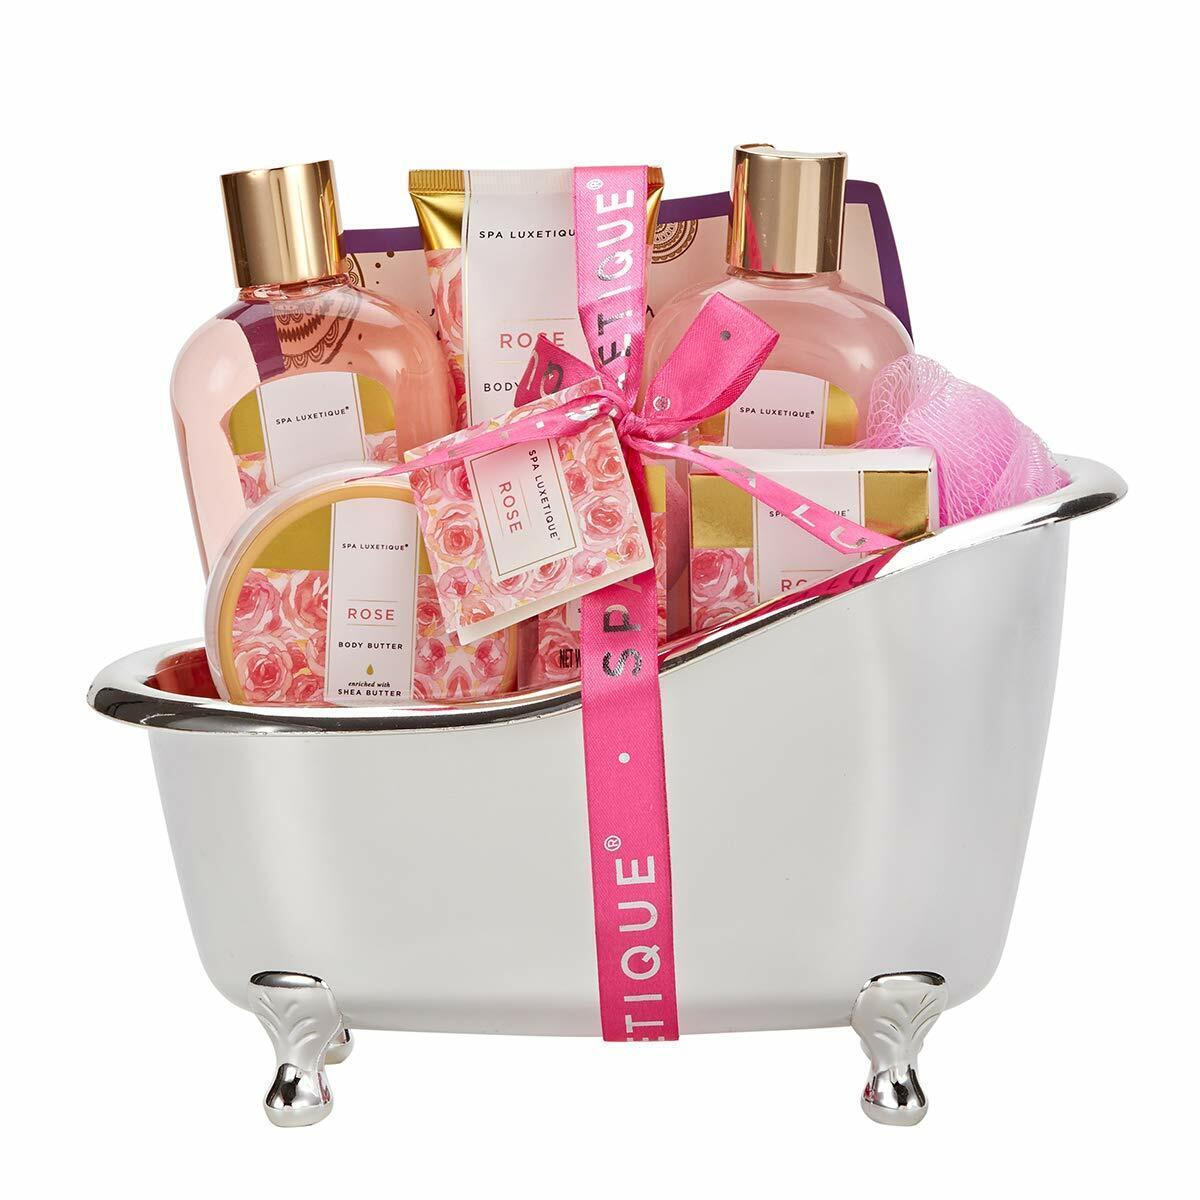 Birthday Christmas Gift Basket Set Bath Tub And Body Works S